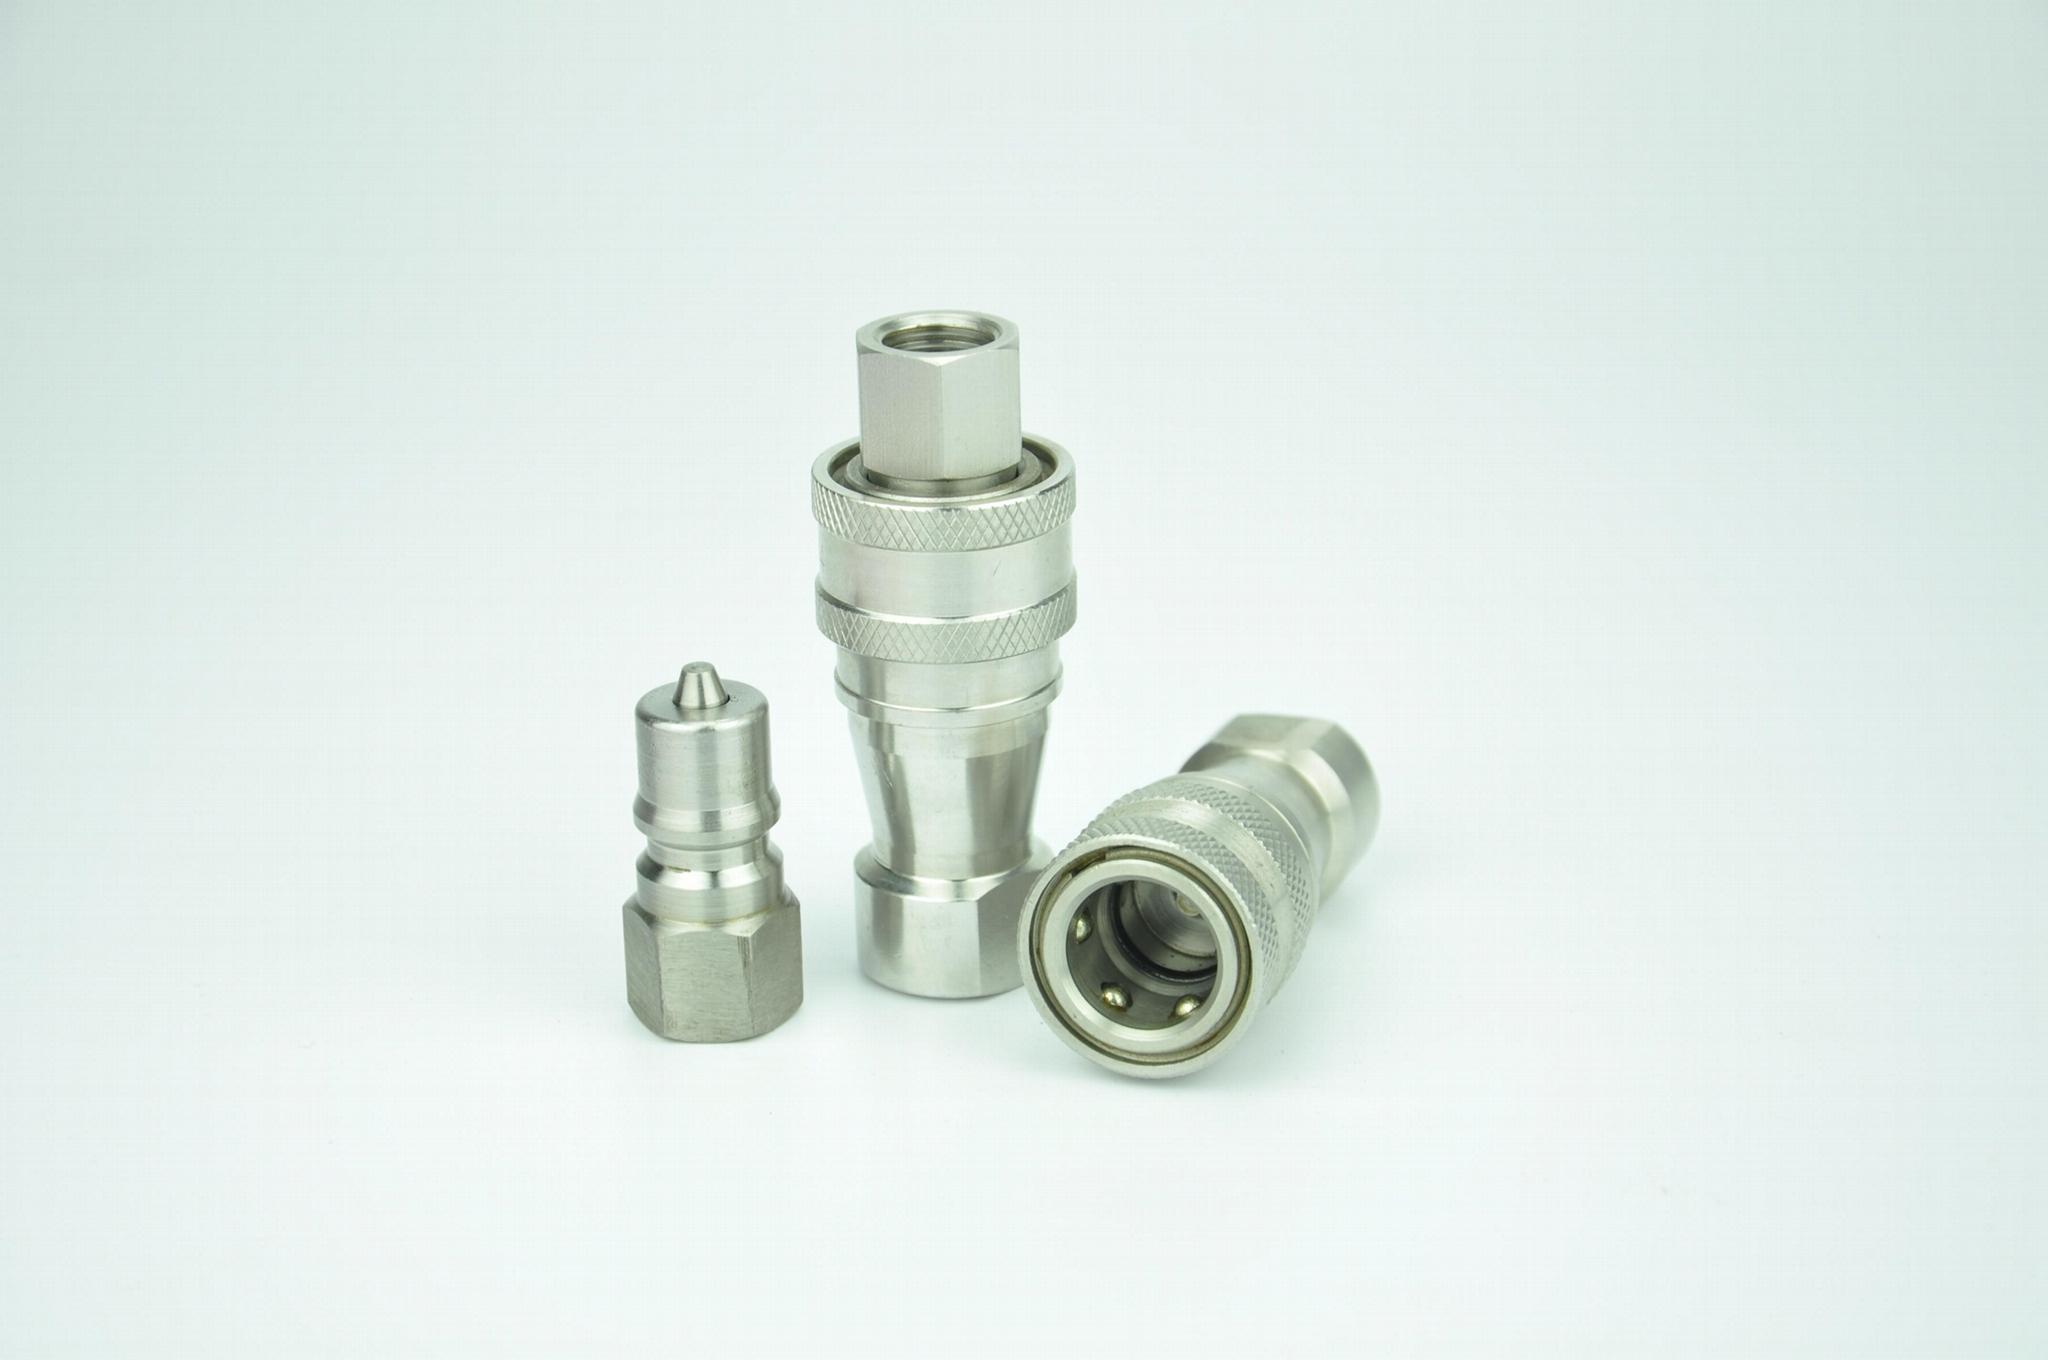 KZF不鏽鋼開閉式高壓油管耐高溫腐蝕快速接頭 2